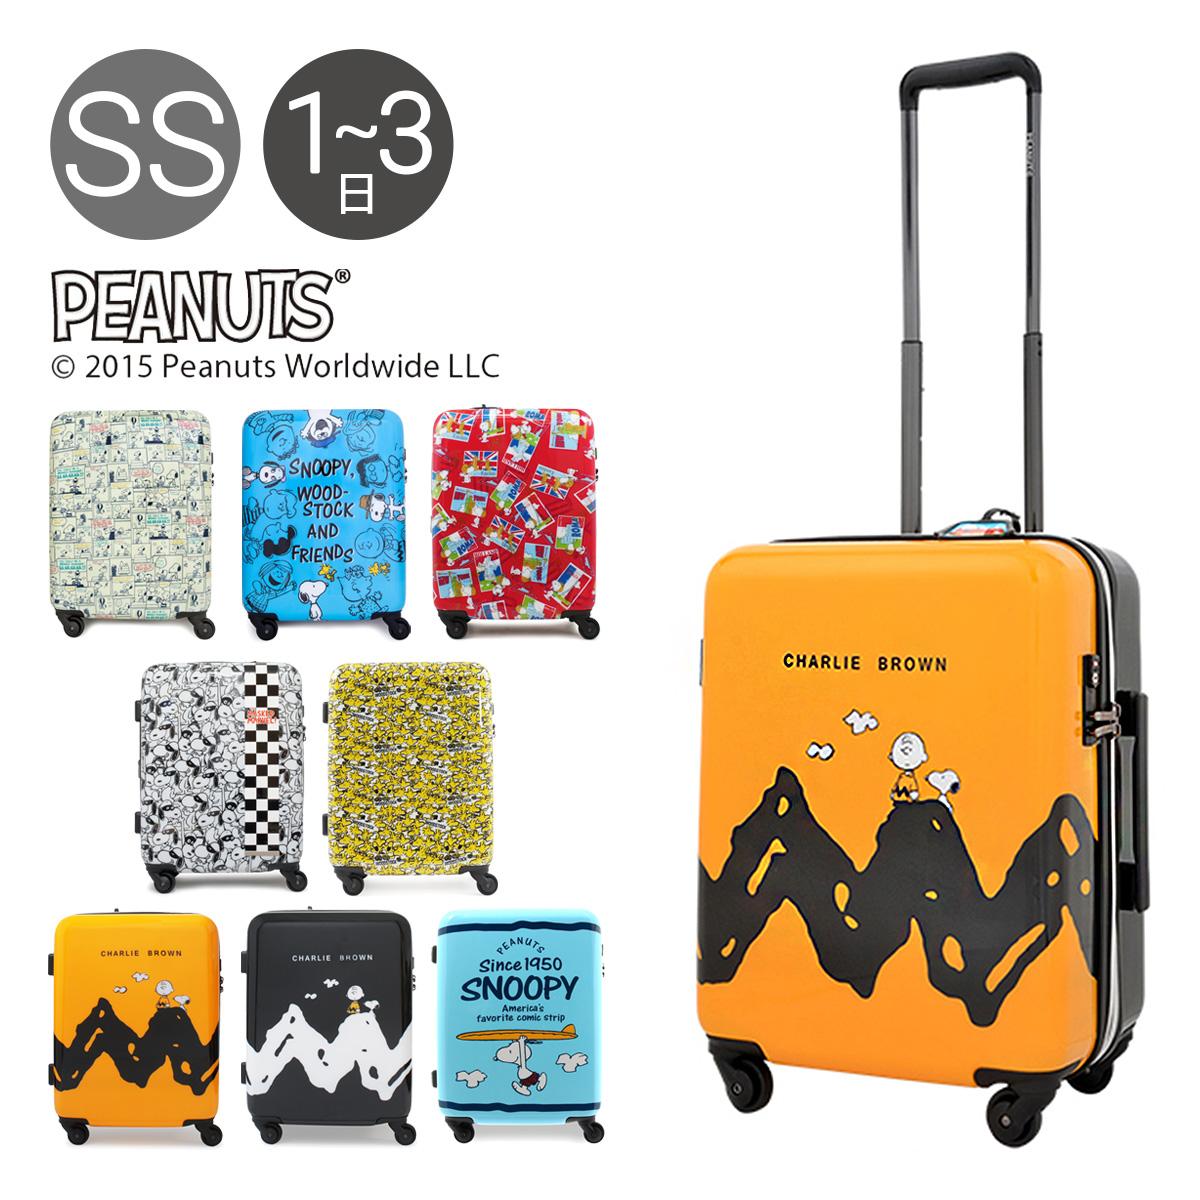 スヌーピー キャリーケース レディース 47cm スーツケース キャリーカート TSAロック搭載 拡張式 PN-003 SNOOPY 【PO10】【bef】【即日発送】